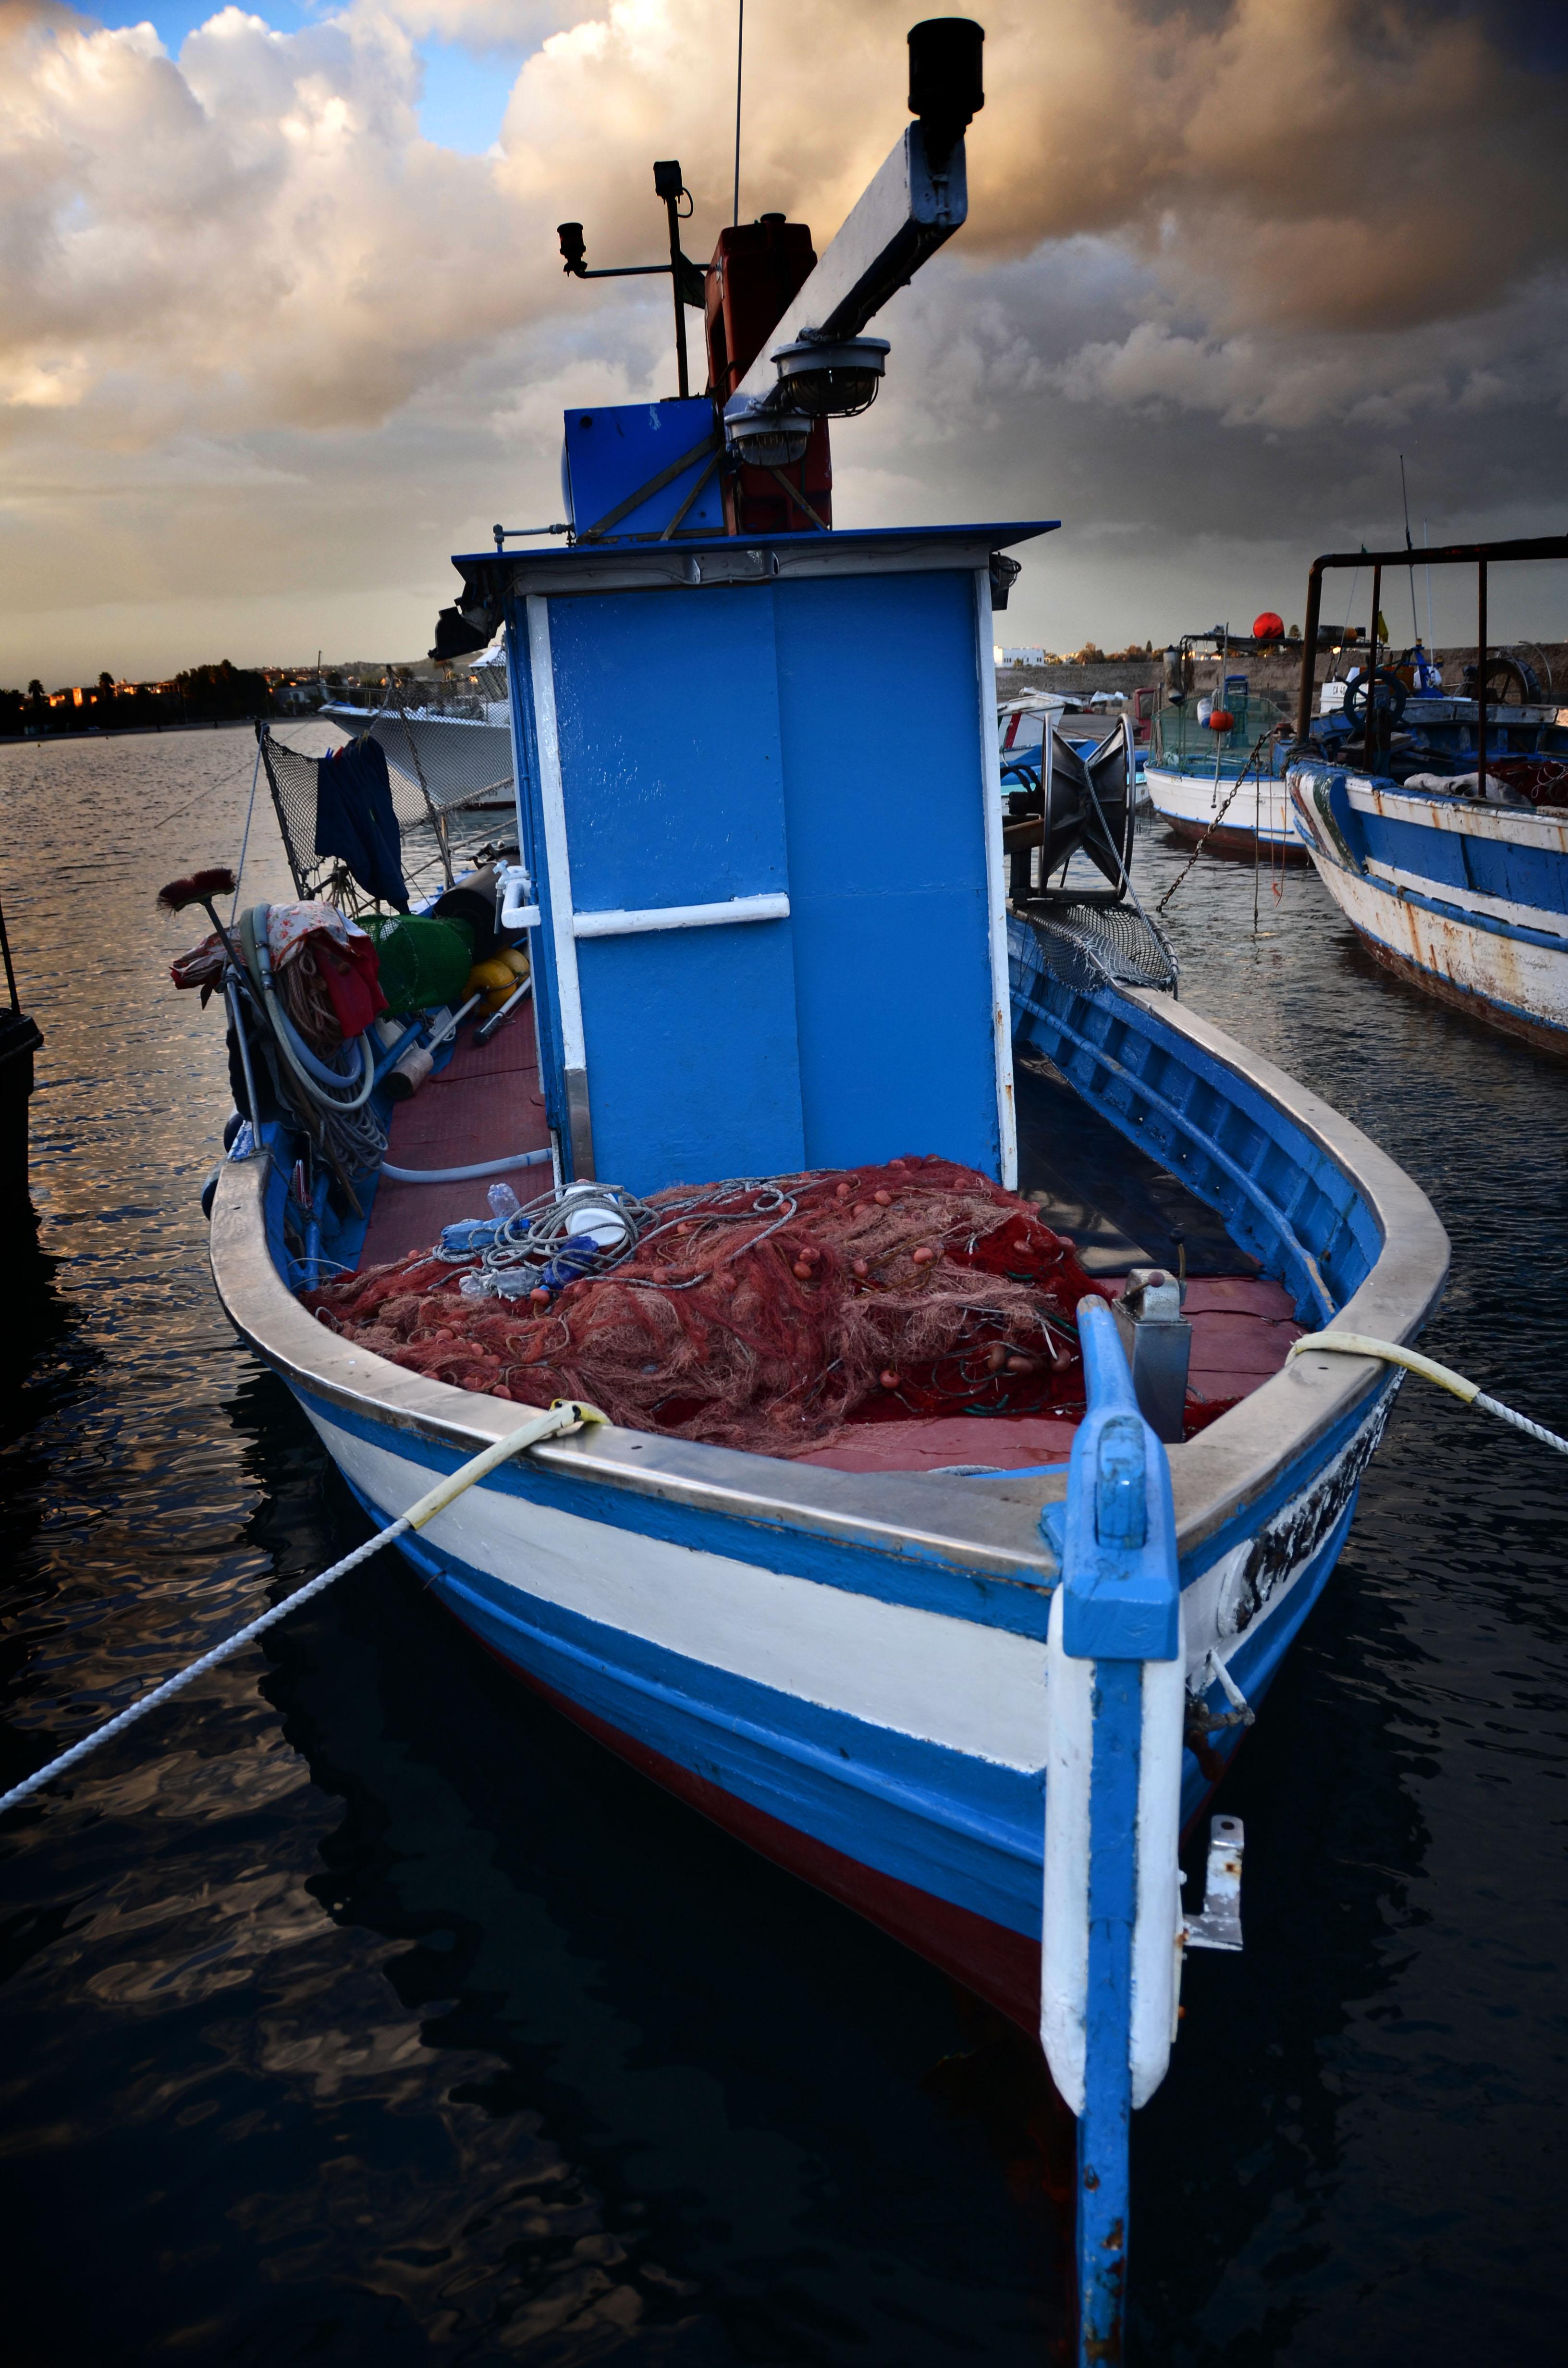 2014 mostra pesca e pescherecci Pesca e pescherecci a Cagliari.   Viaggio nelle marinerie di un antico porto